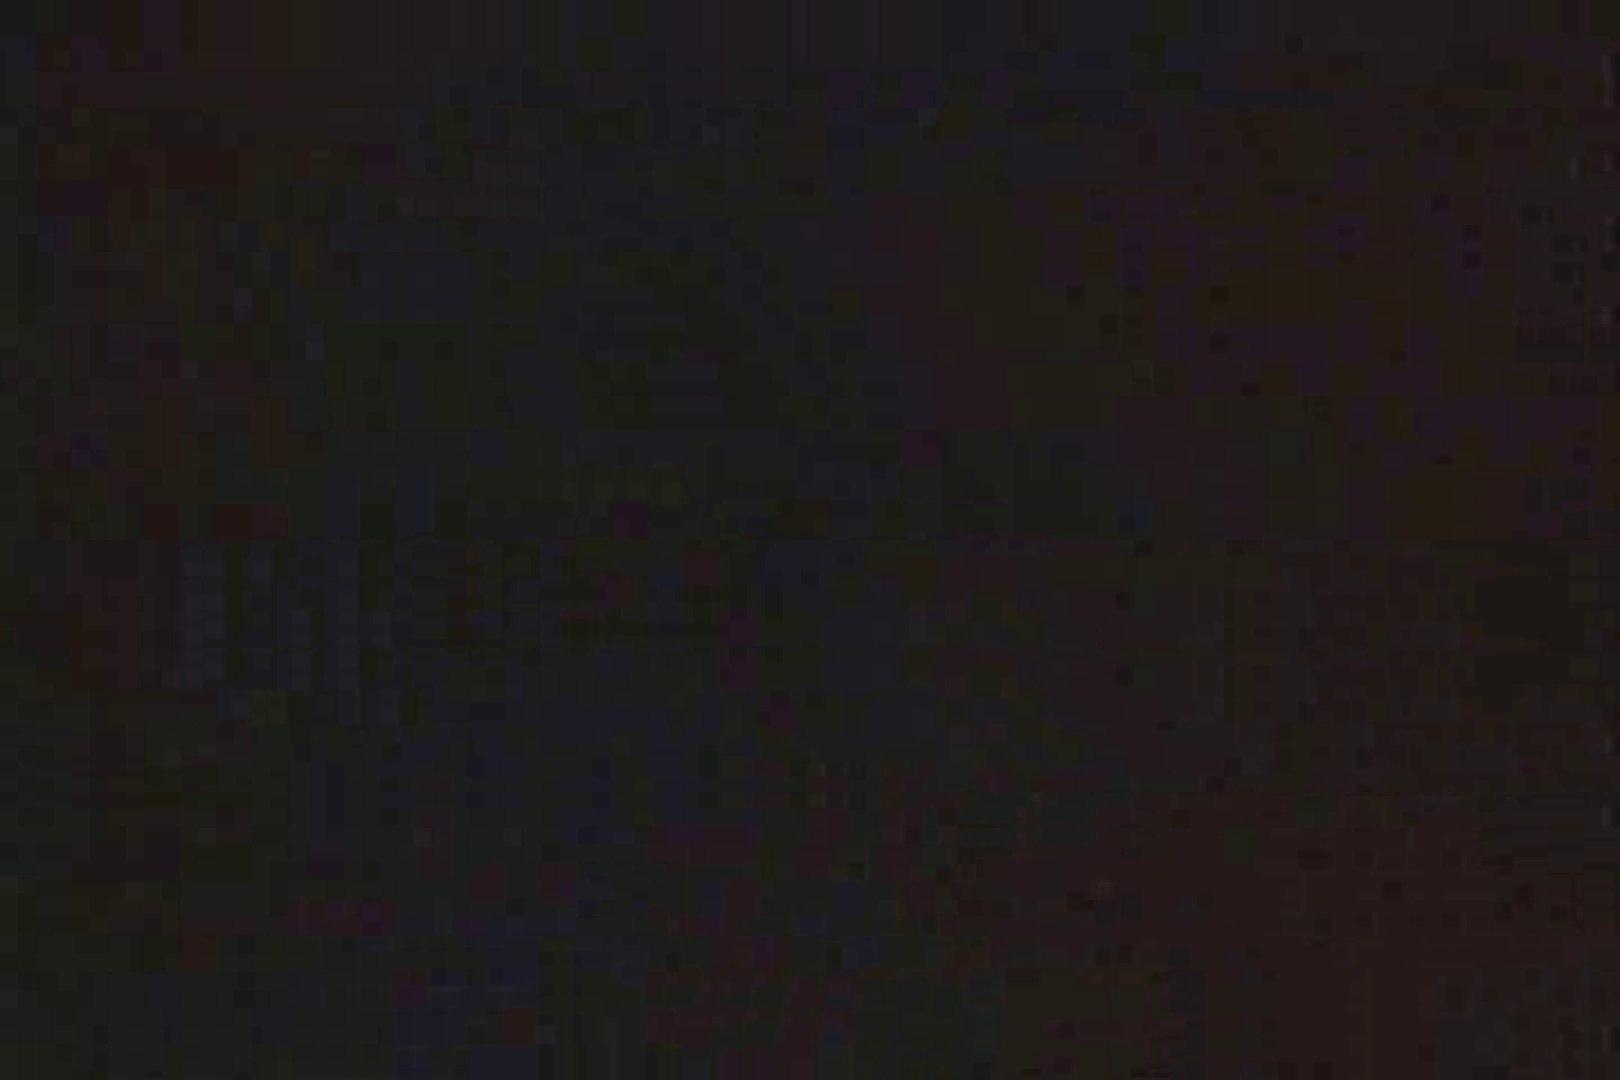 「ちくりん」さんのオリジナル未編集パンチラVol.1_01 OL  102枚 26